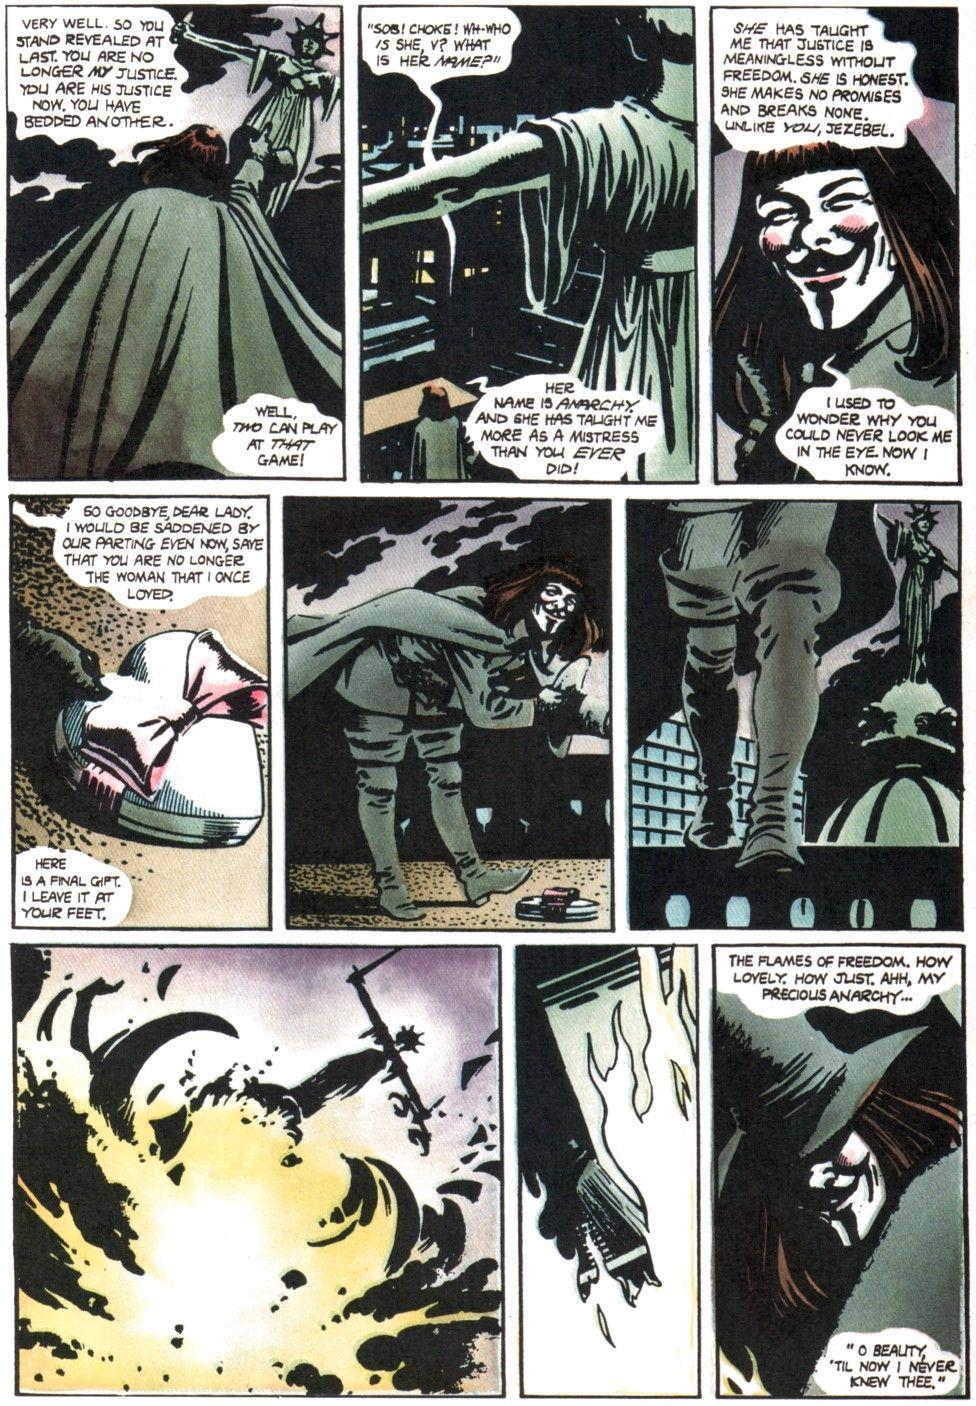 Pin By Miraggi Inversi On Artisticita V For Vendetta Graphic Novel V For Vendetta Comic